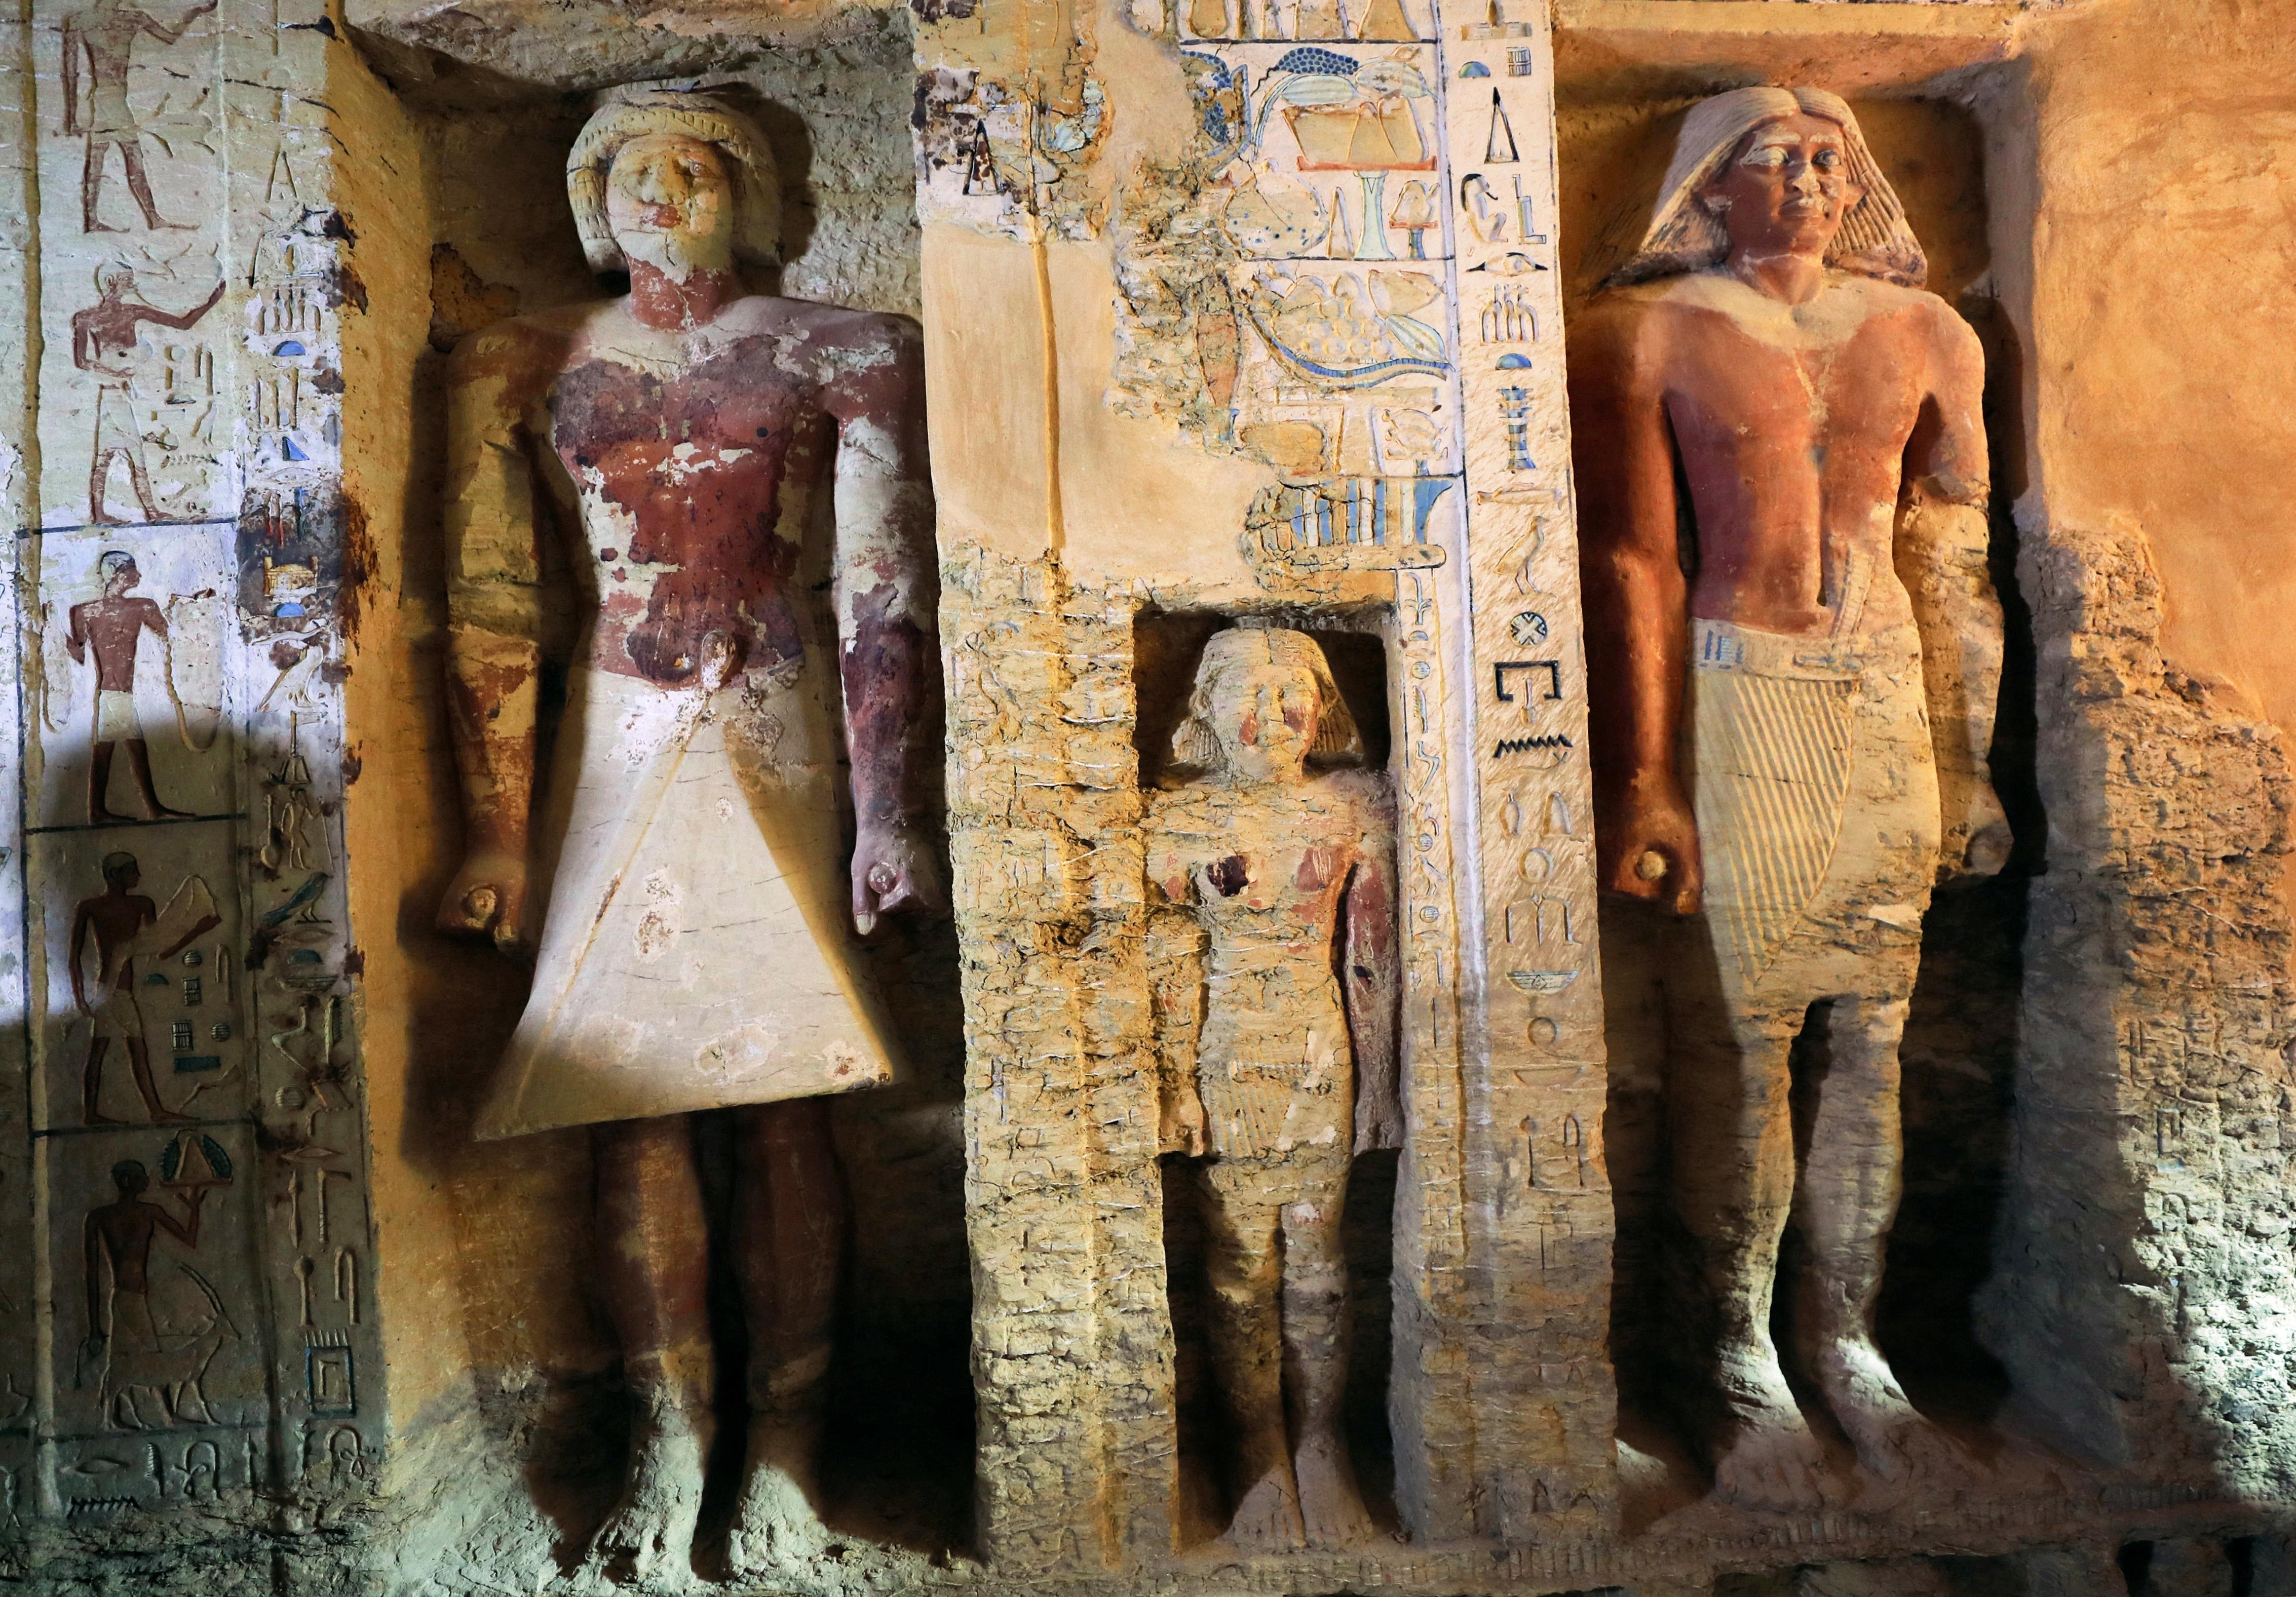 Forscher entdecken in Ägypten 4000 Jahre altes Grab und machen beeindruckenden